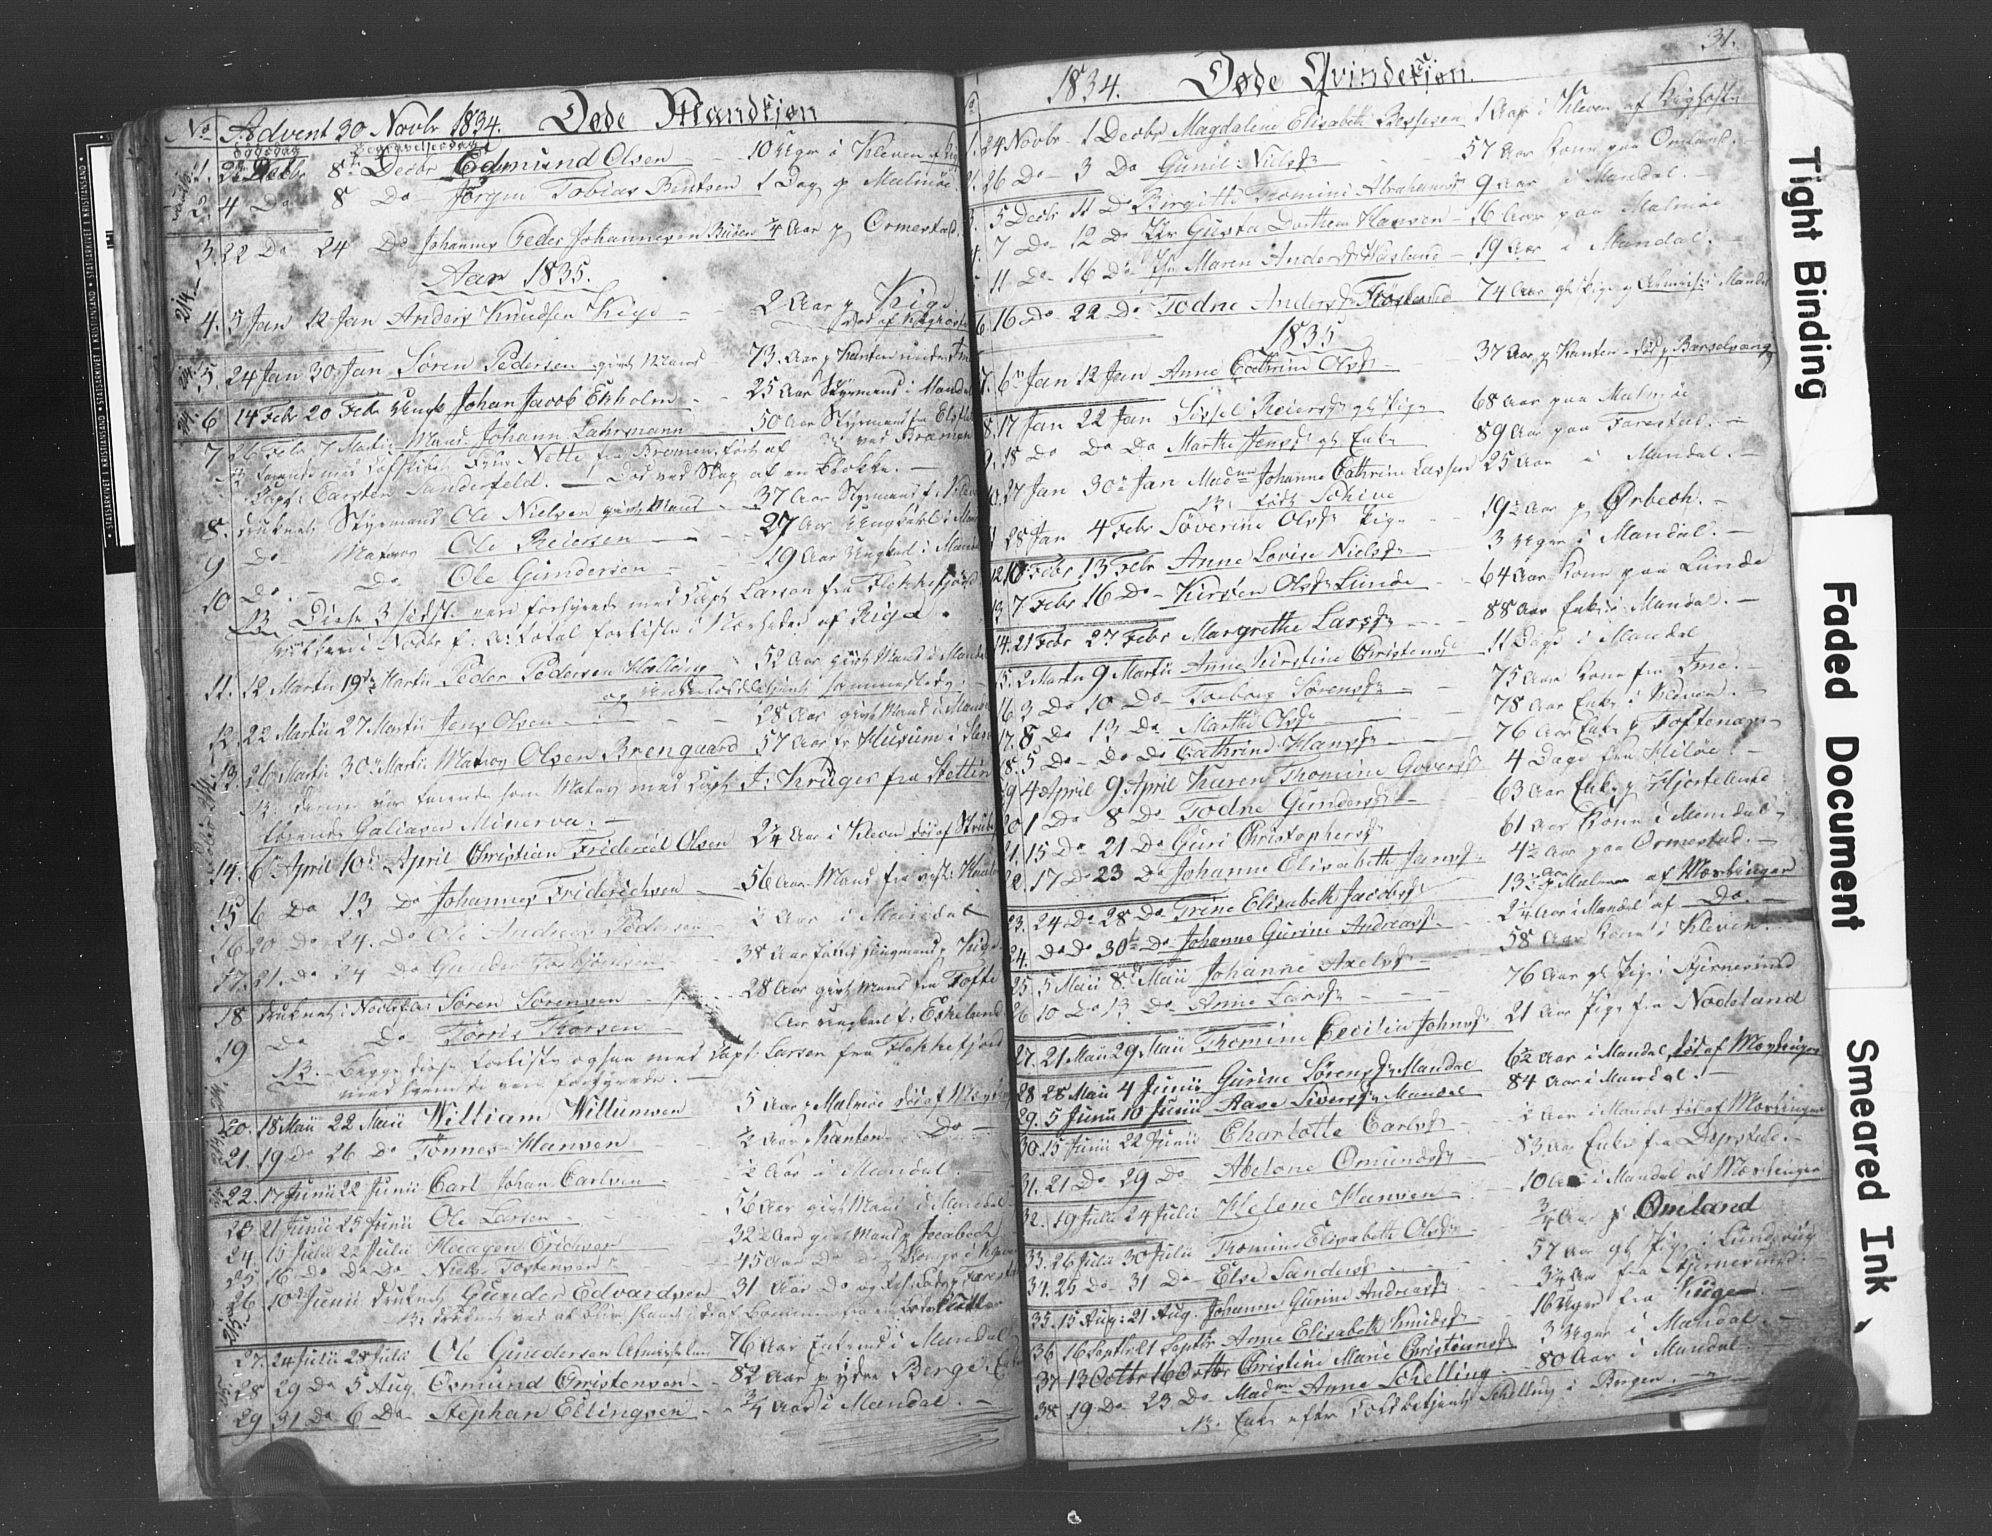 SAK, Mandal sokneprestkontor, F/Fb/Fba/L0003: Klokkerbok nr. B 1C, 1834-1838, s. 31